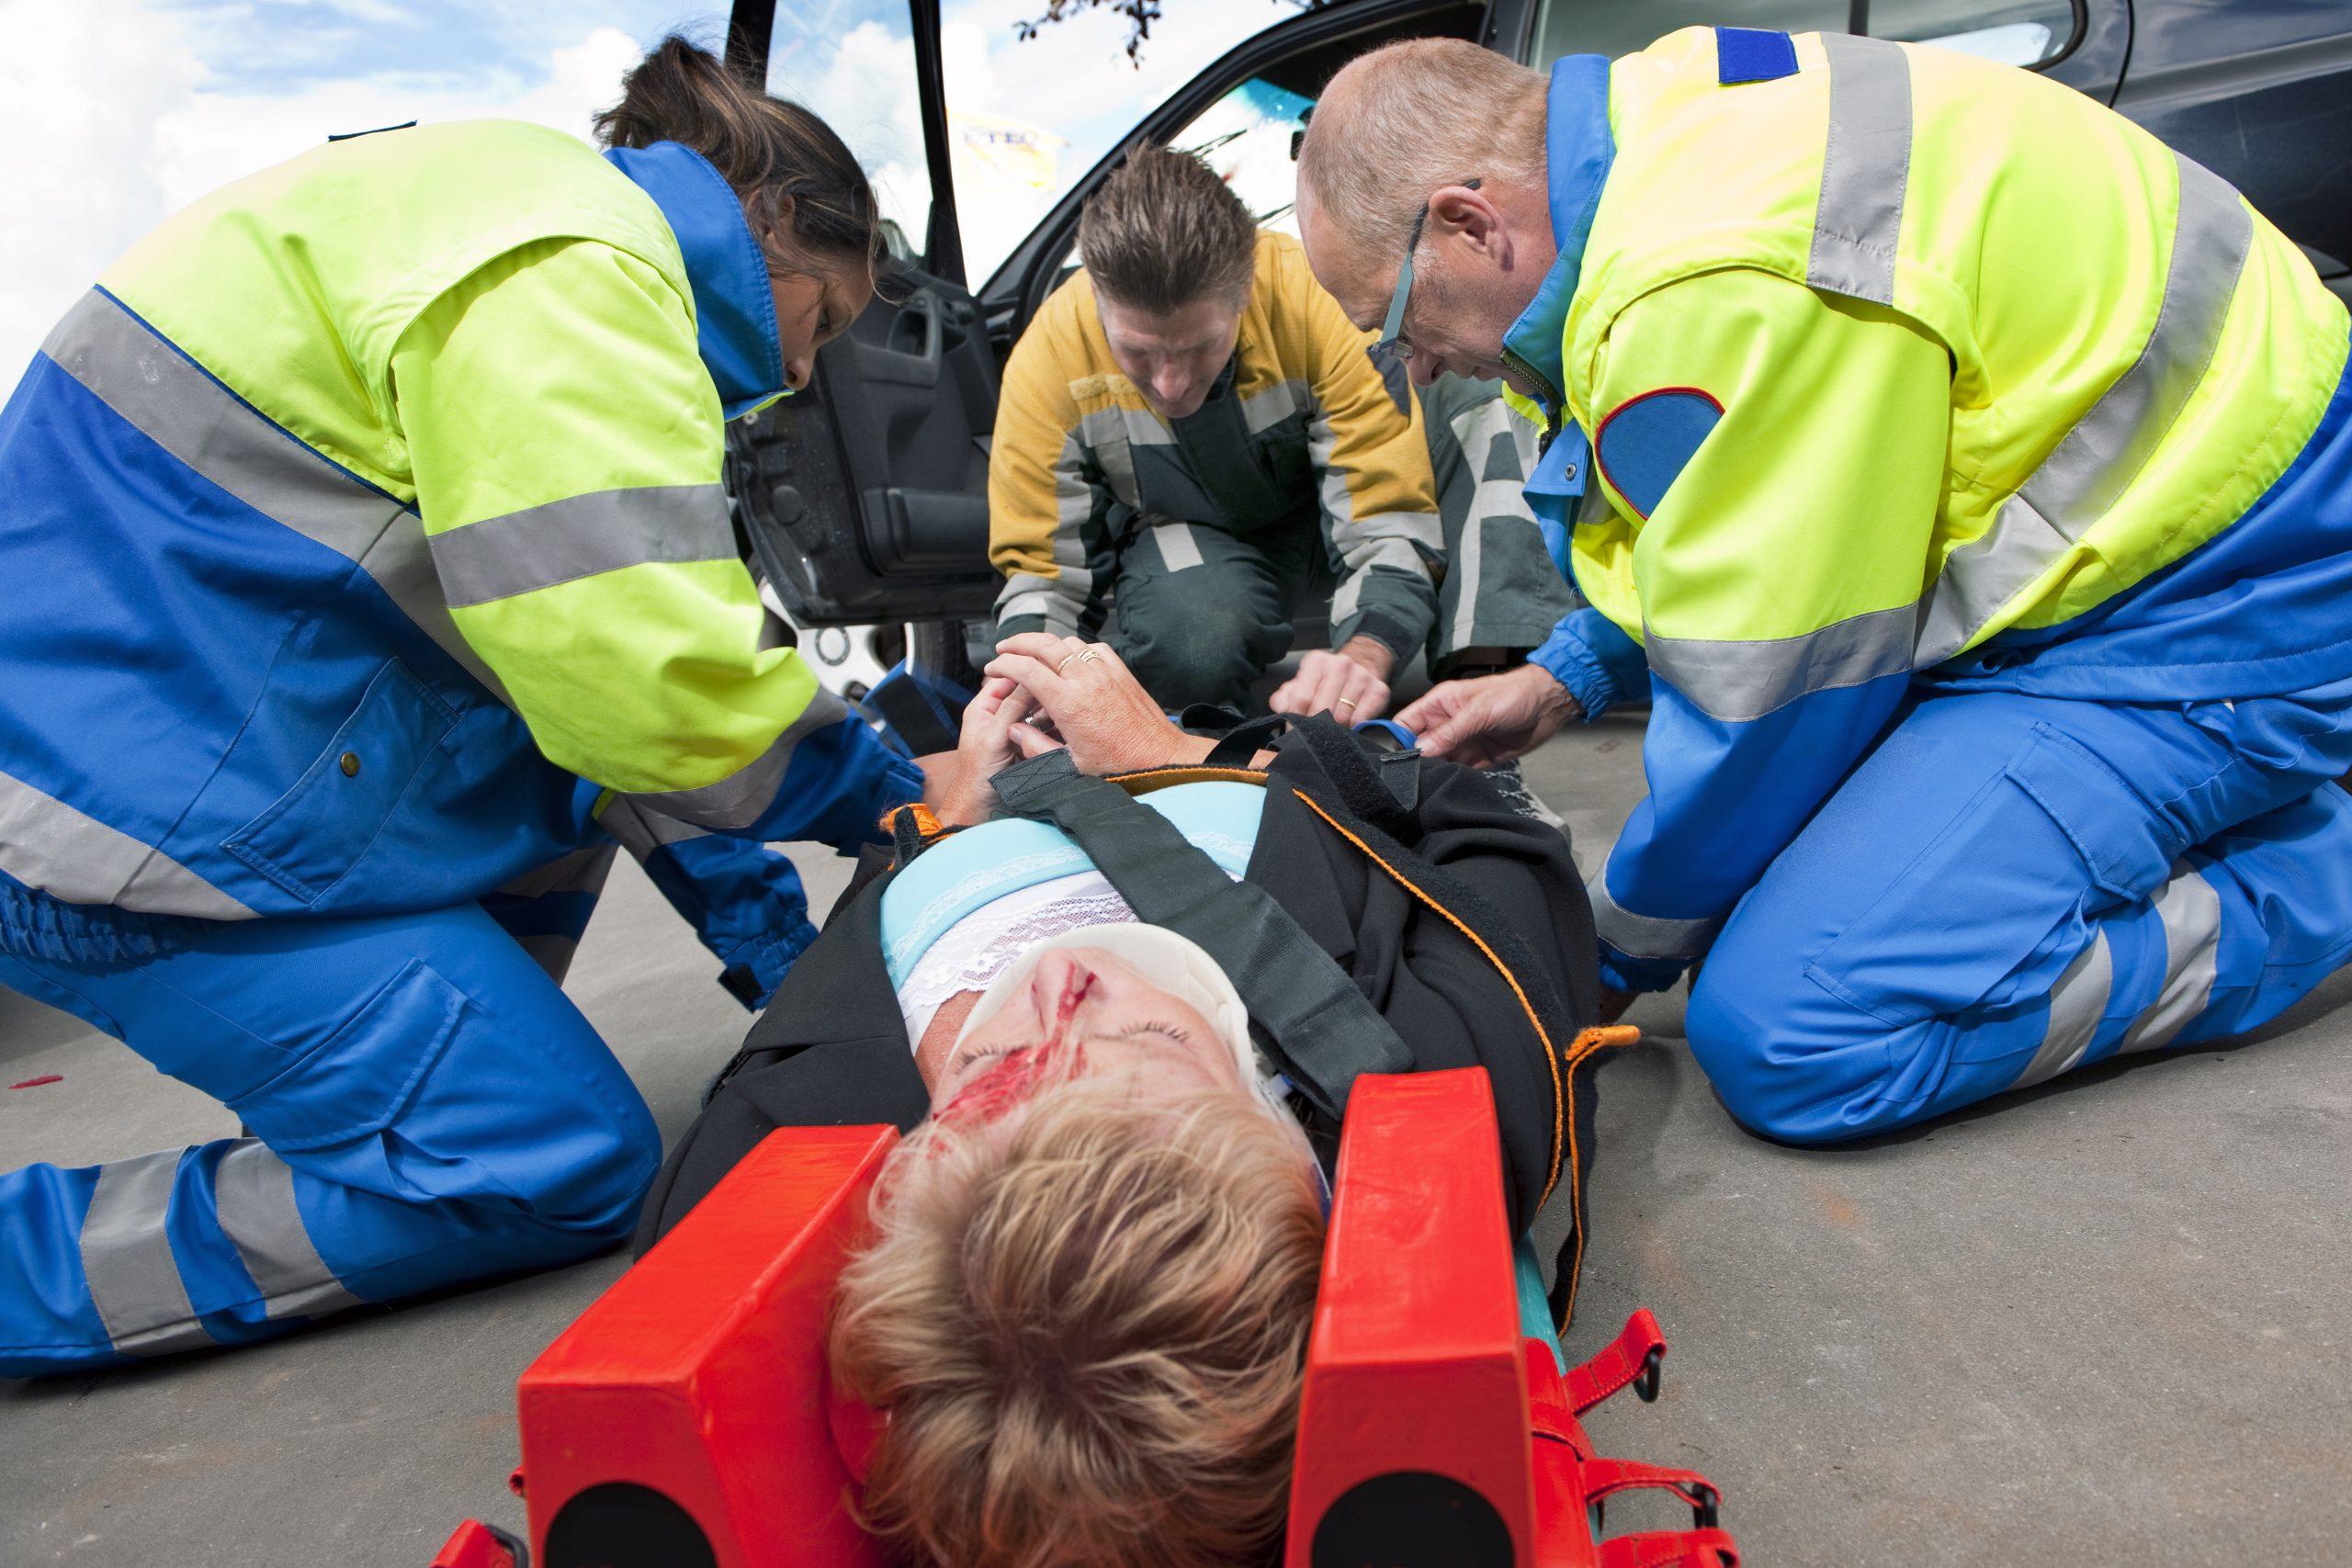 Advanced first aid